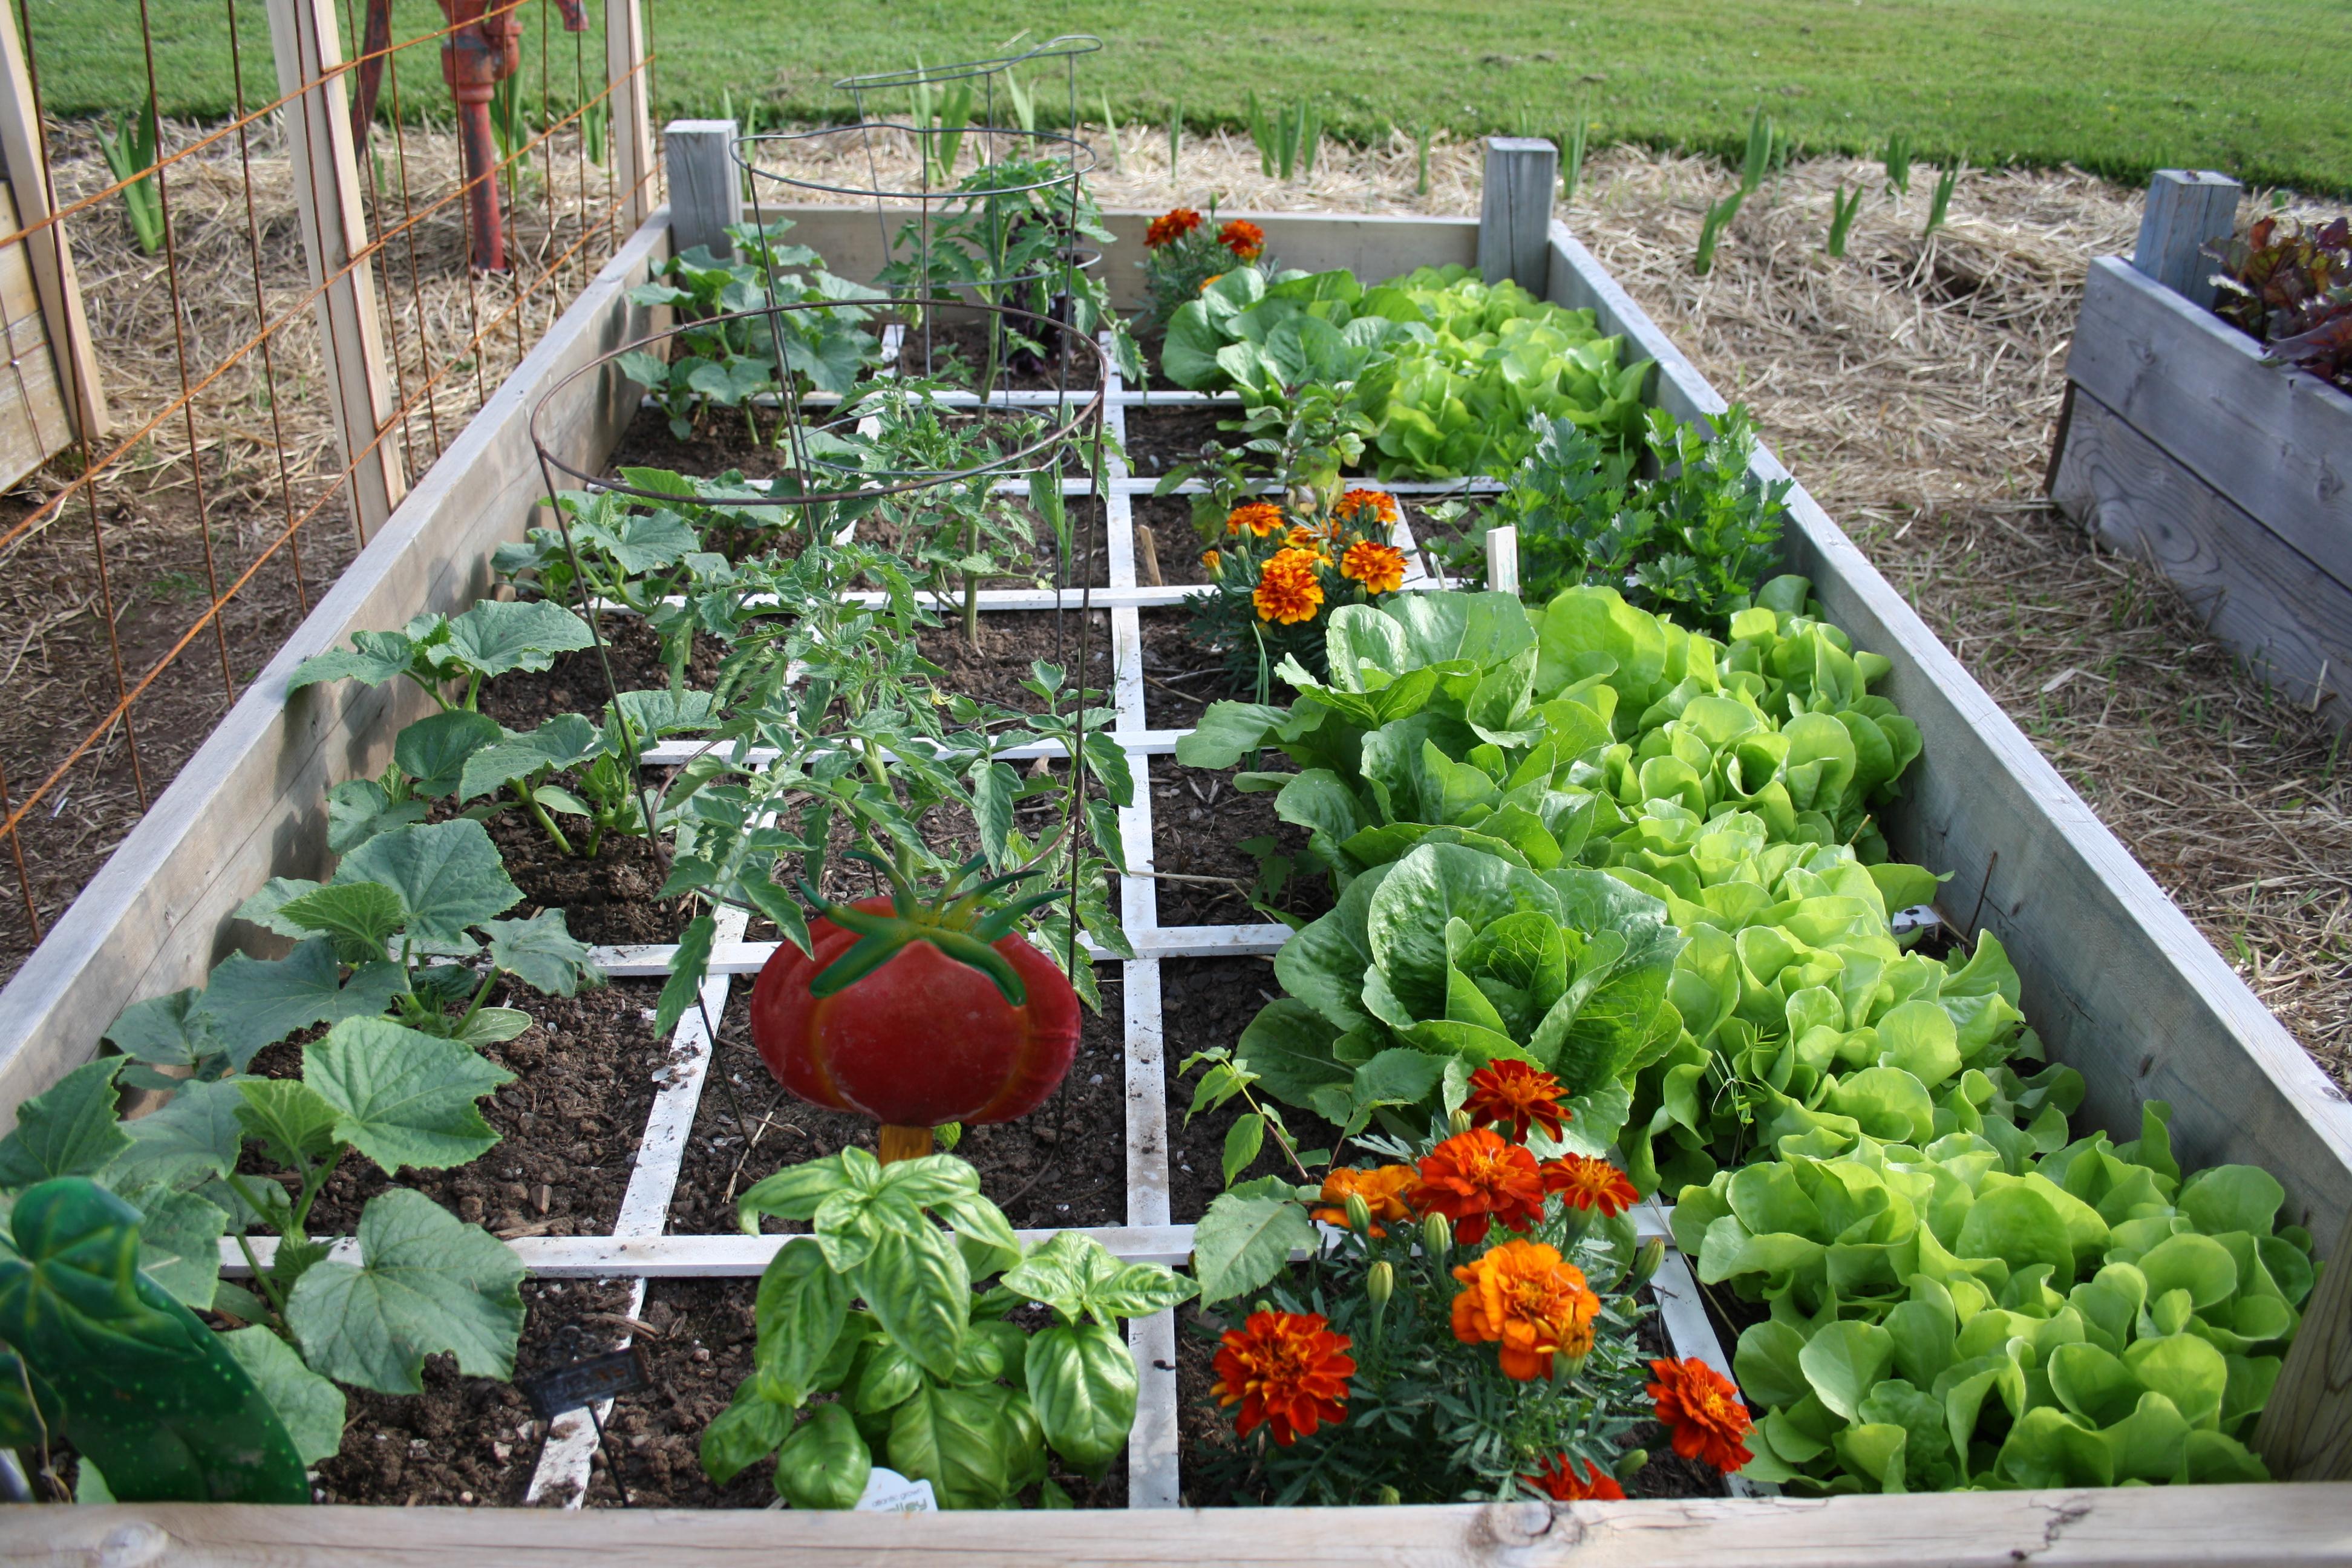 2015 vegetable gardens the creative garden patch for Garden vegetable patch